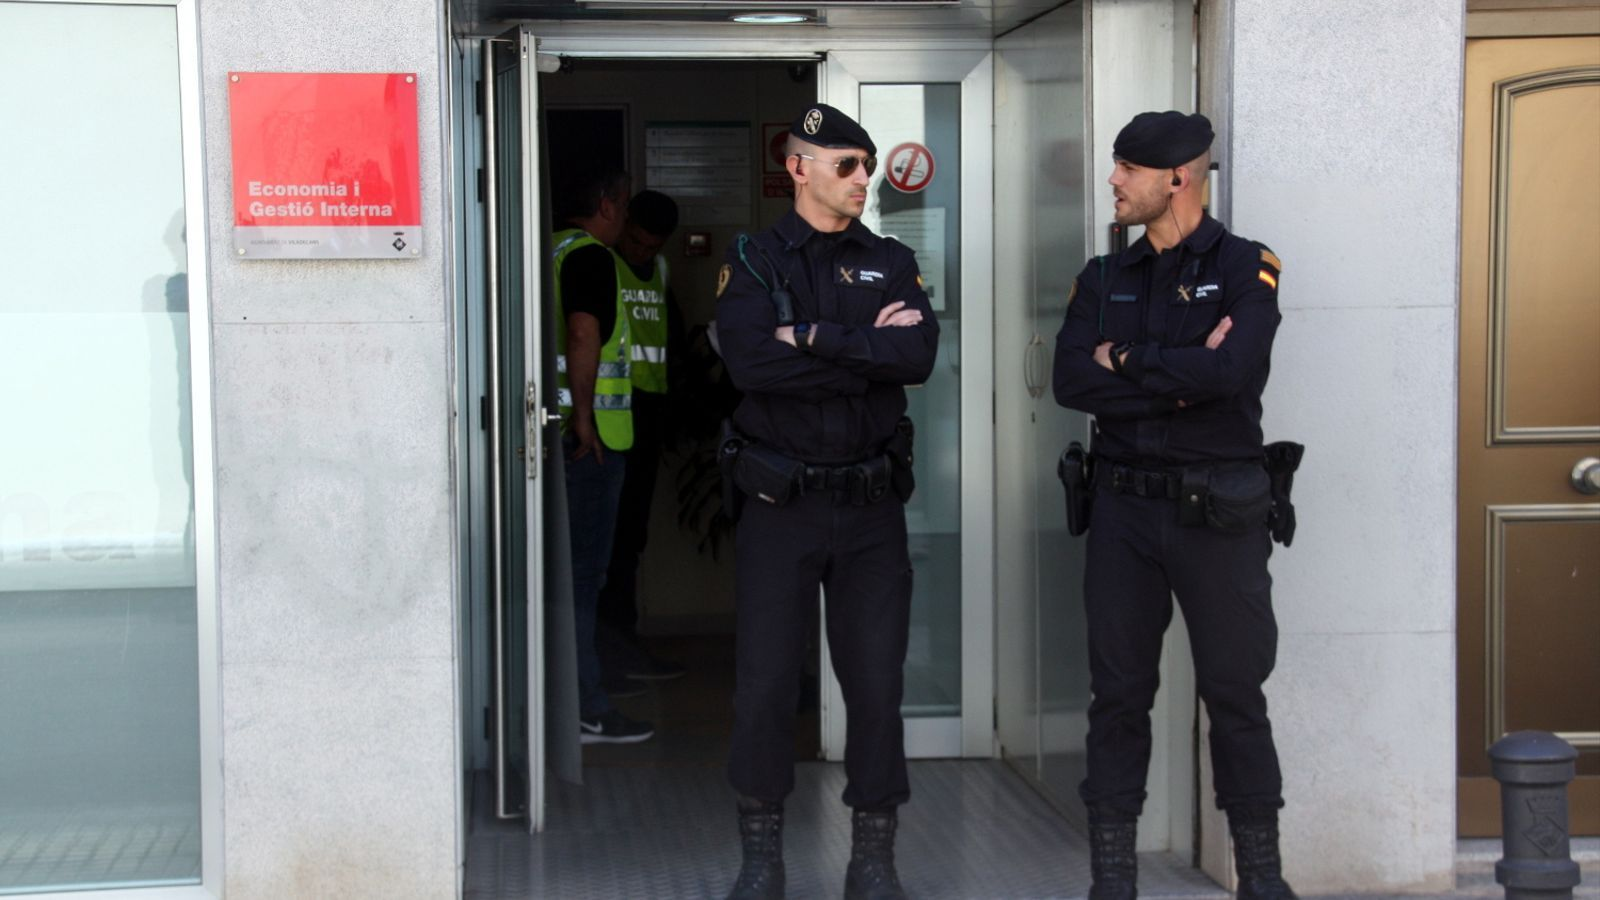 Dos agents de la Guàrdia Civil custodiant la seu de l'Àrea d'Economia i Gestió Interna de l'Ajuntament de Viladecans en l'escorcoll per una peça separada del cas Inipro